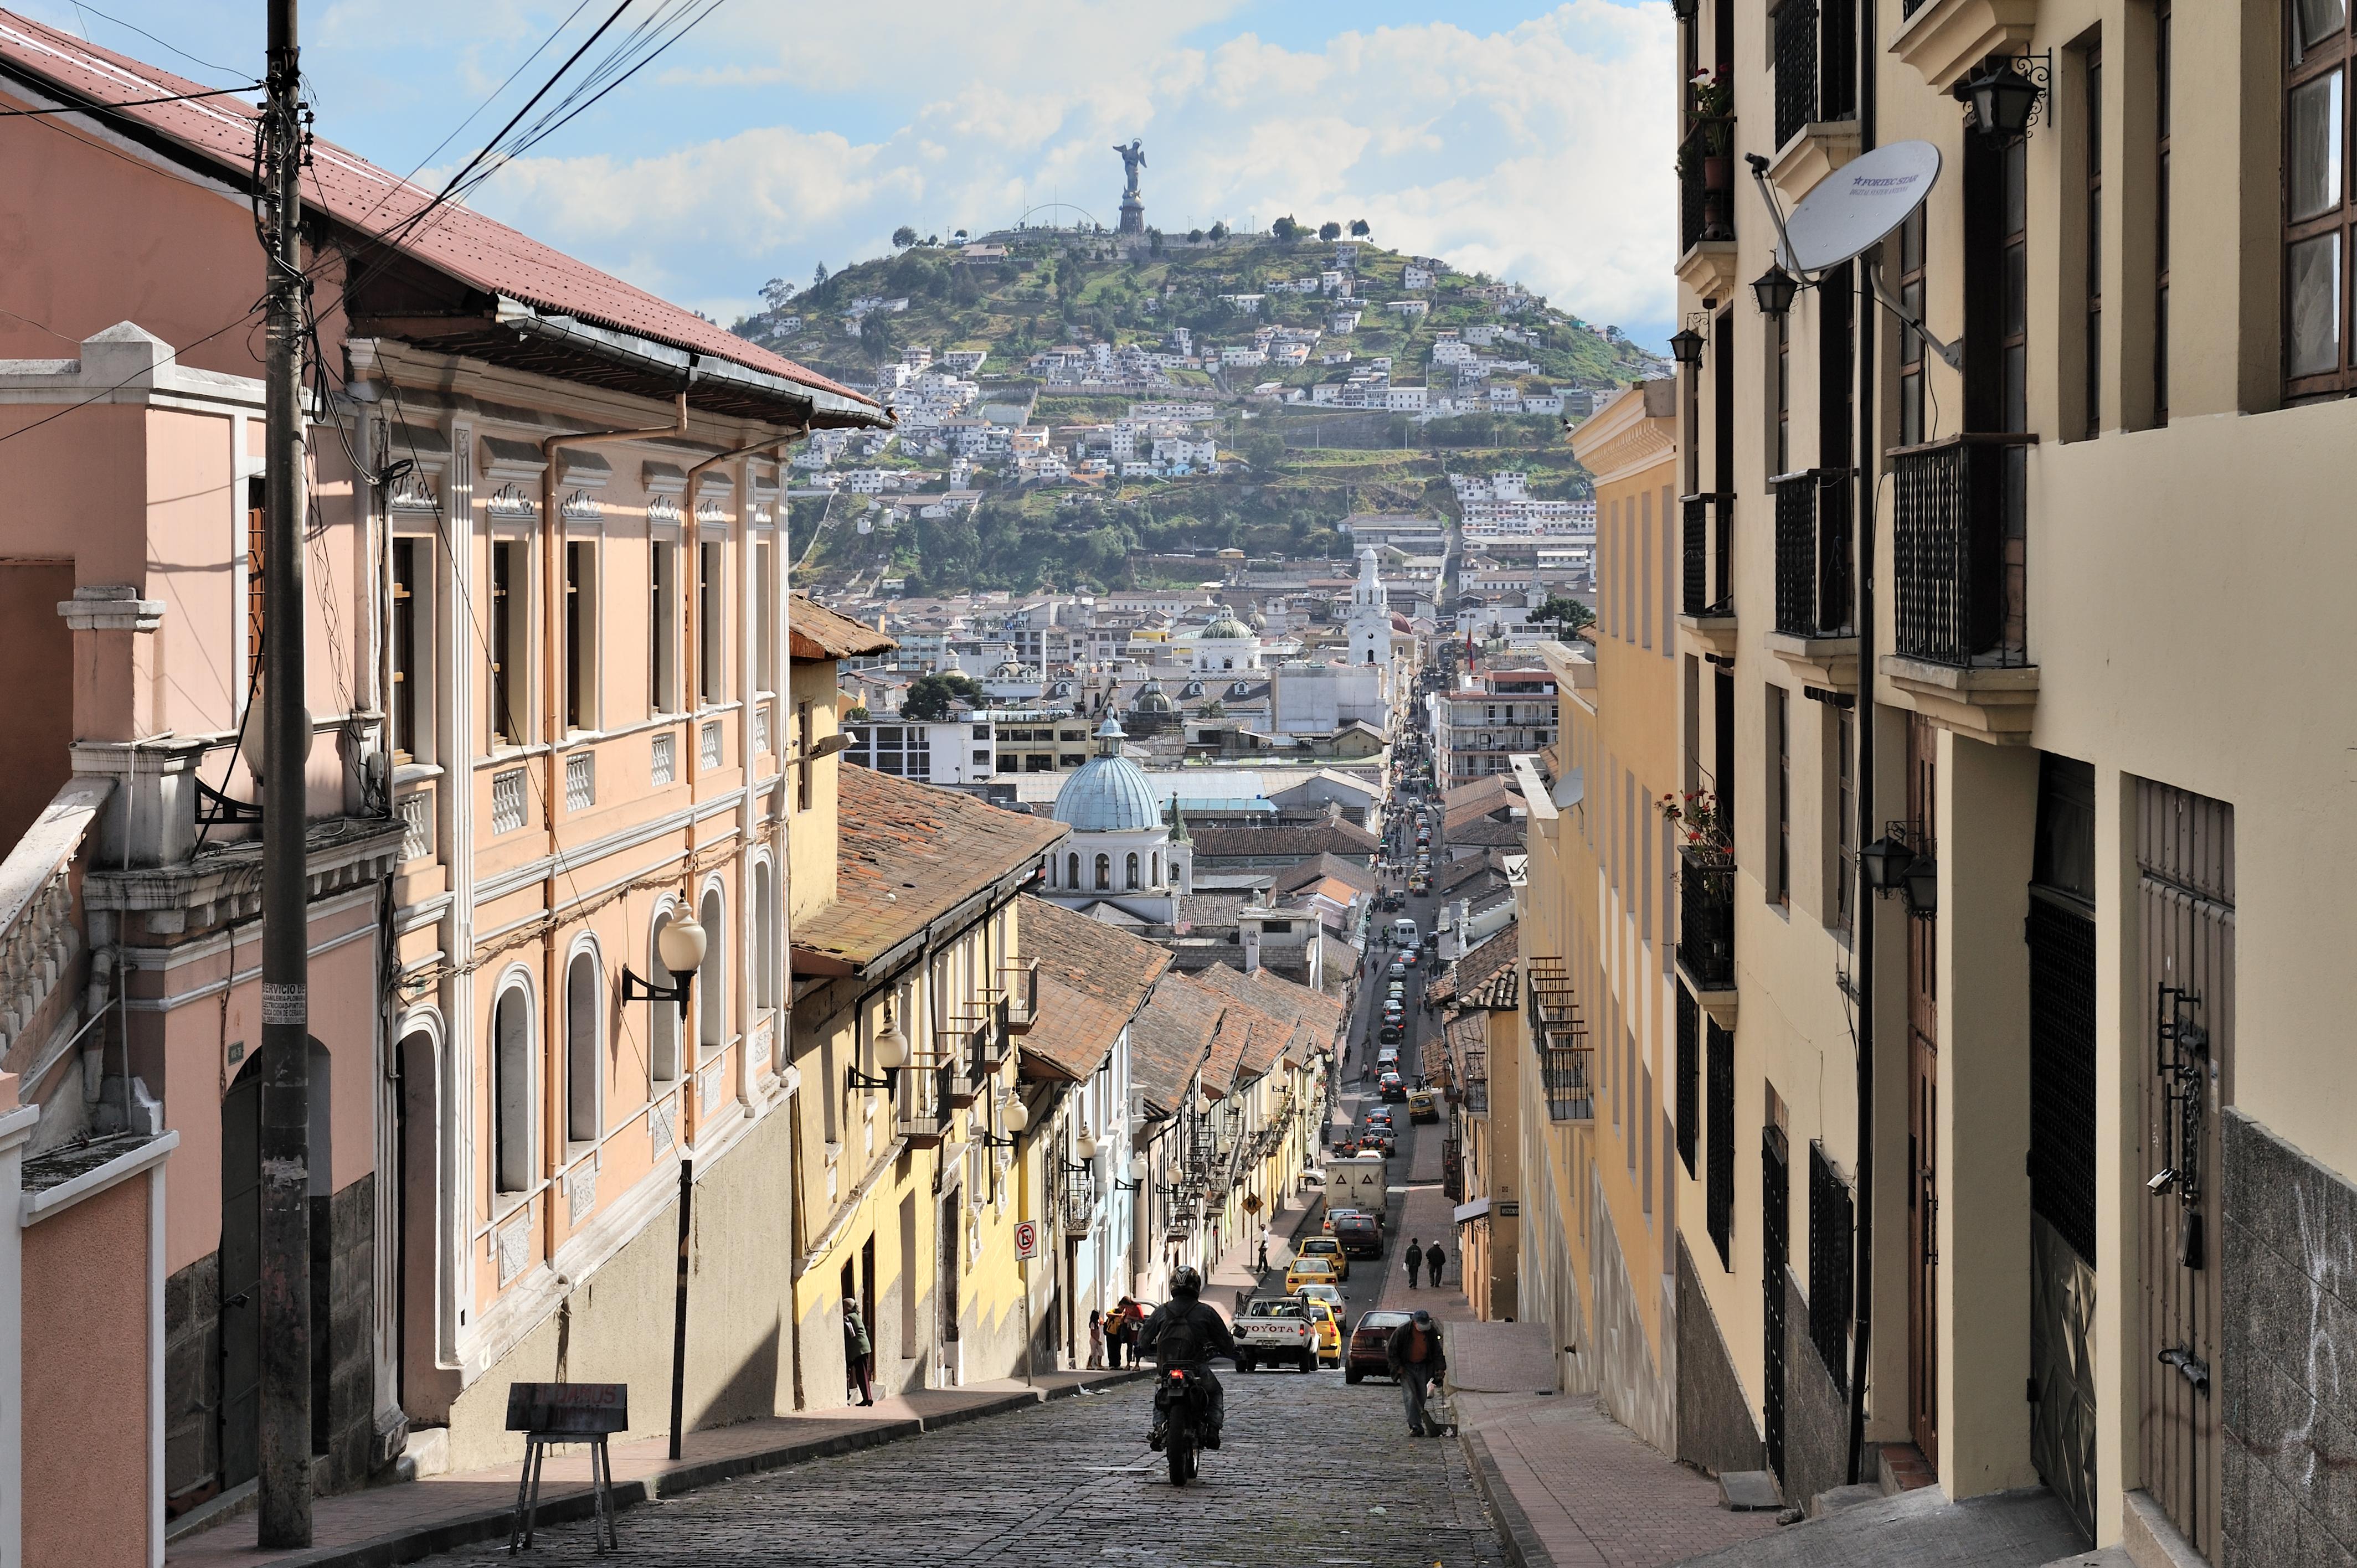 Quito_calle_Garc%C3%ADa_Moreno